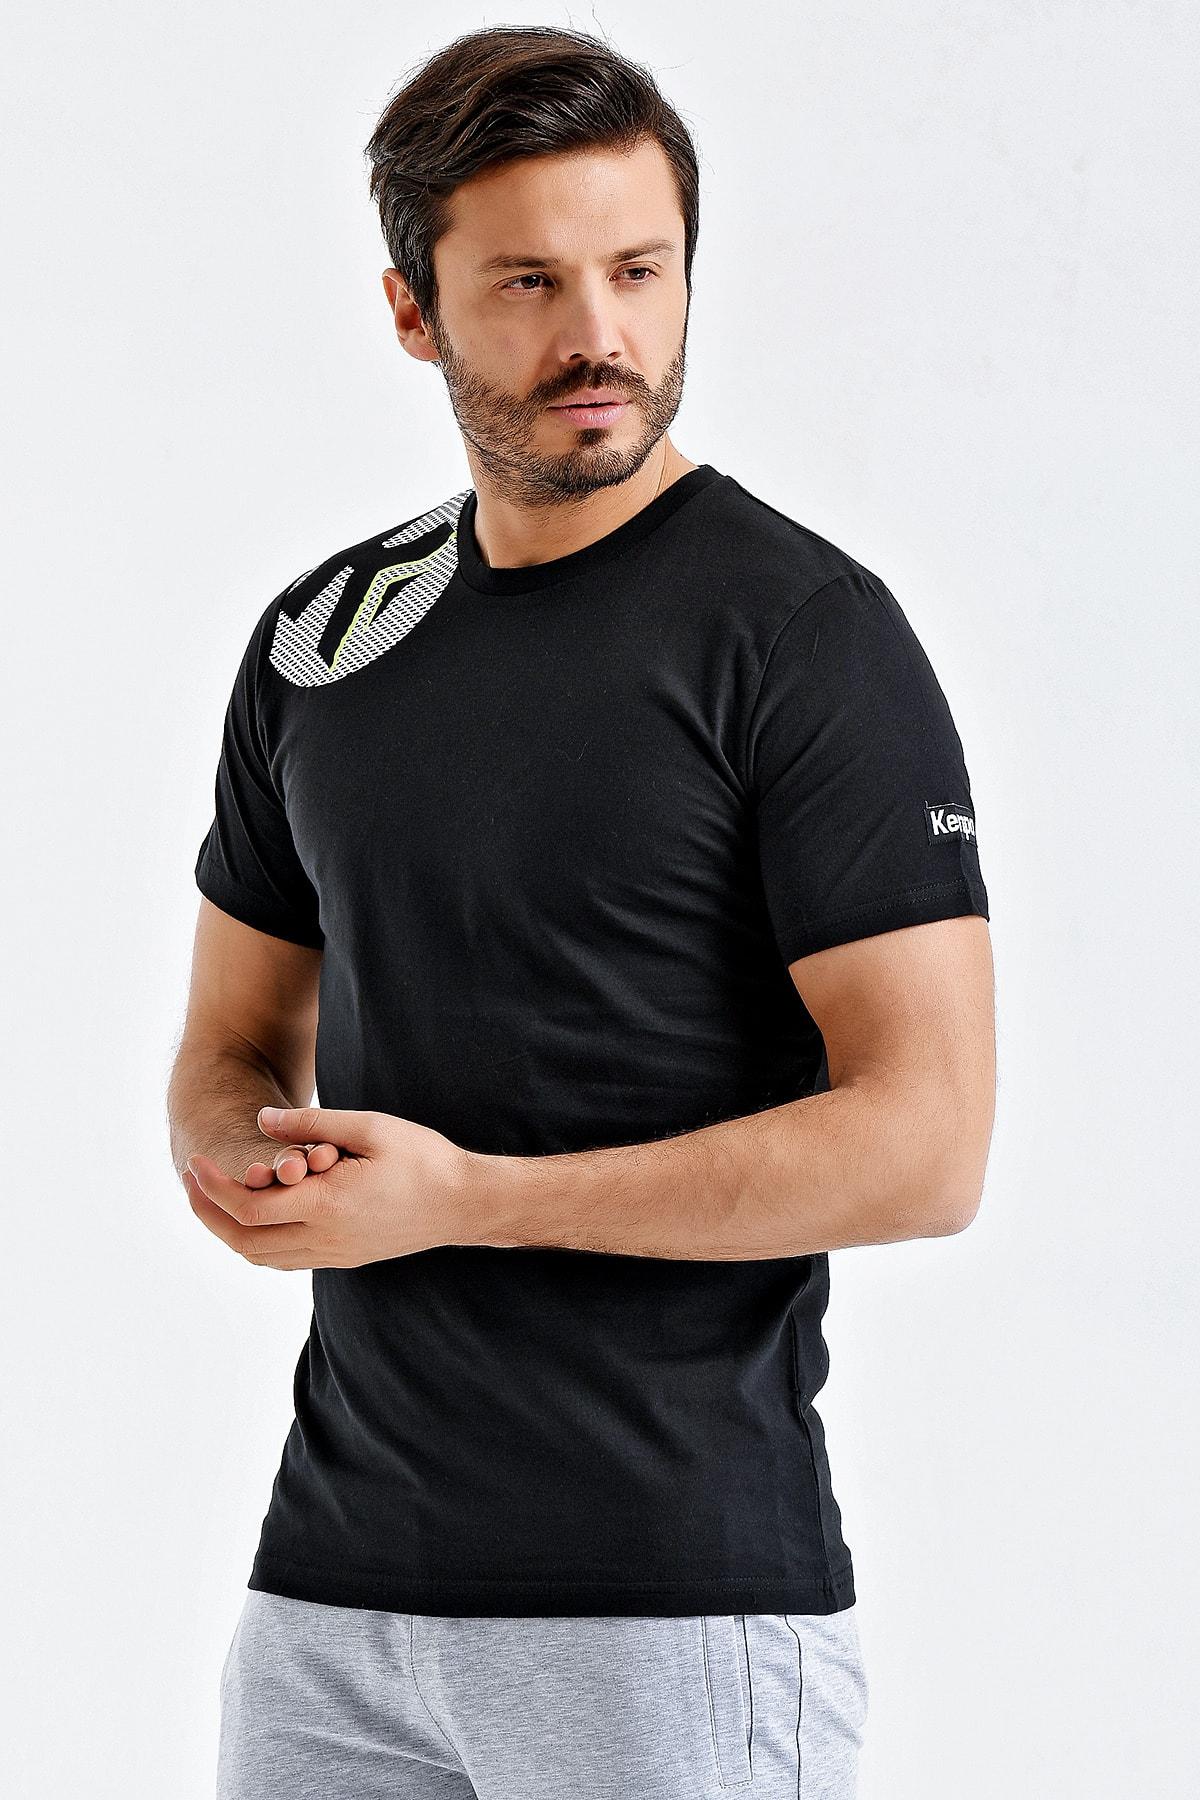 KEMPA Erkek Siyah Pamuklu Bisiklet Yaka T-shirt 2